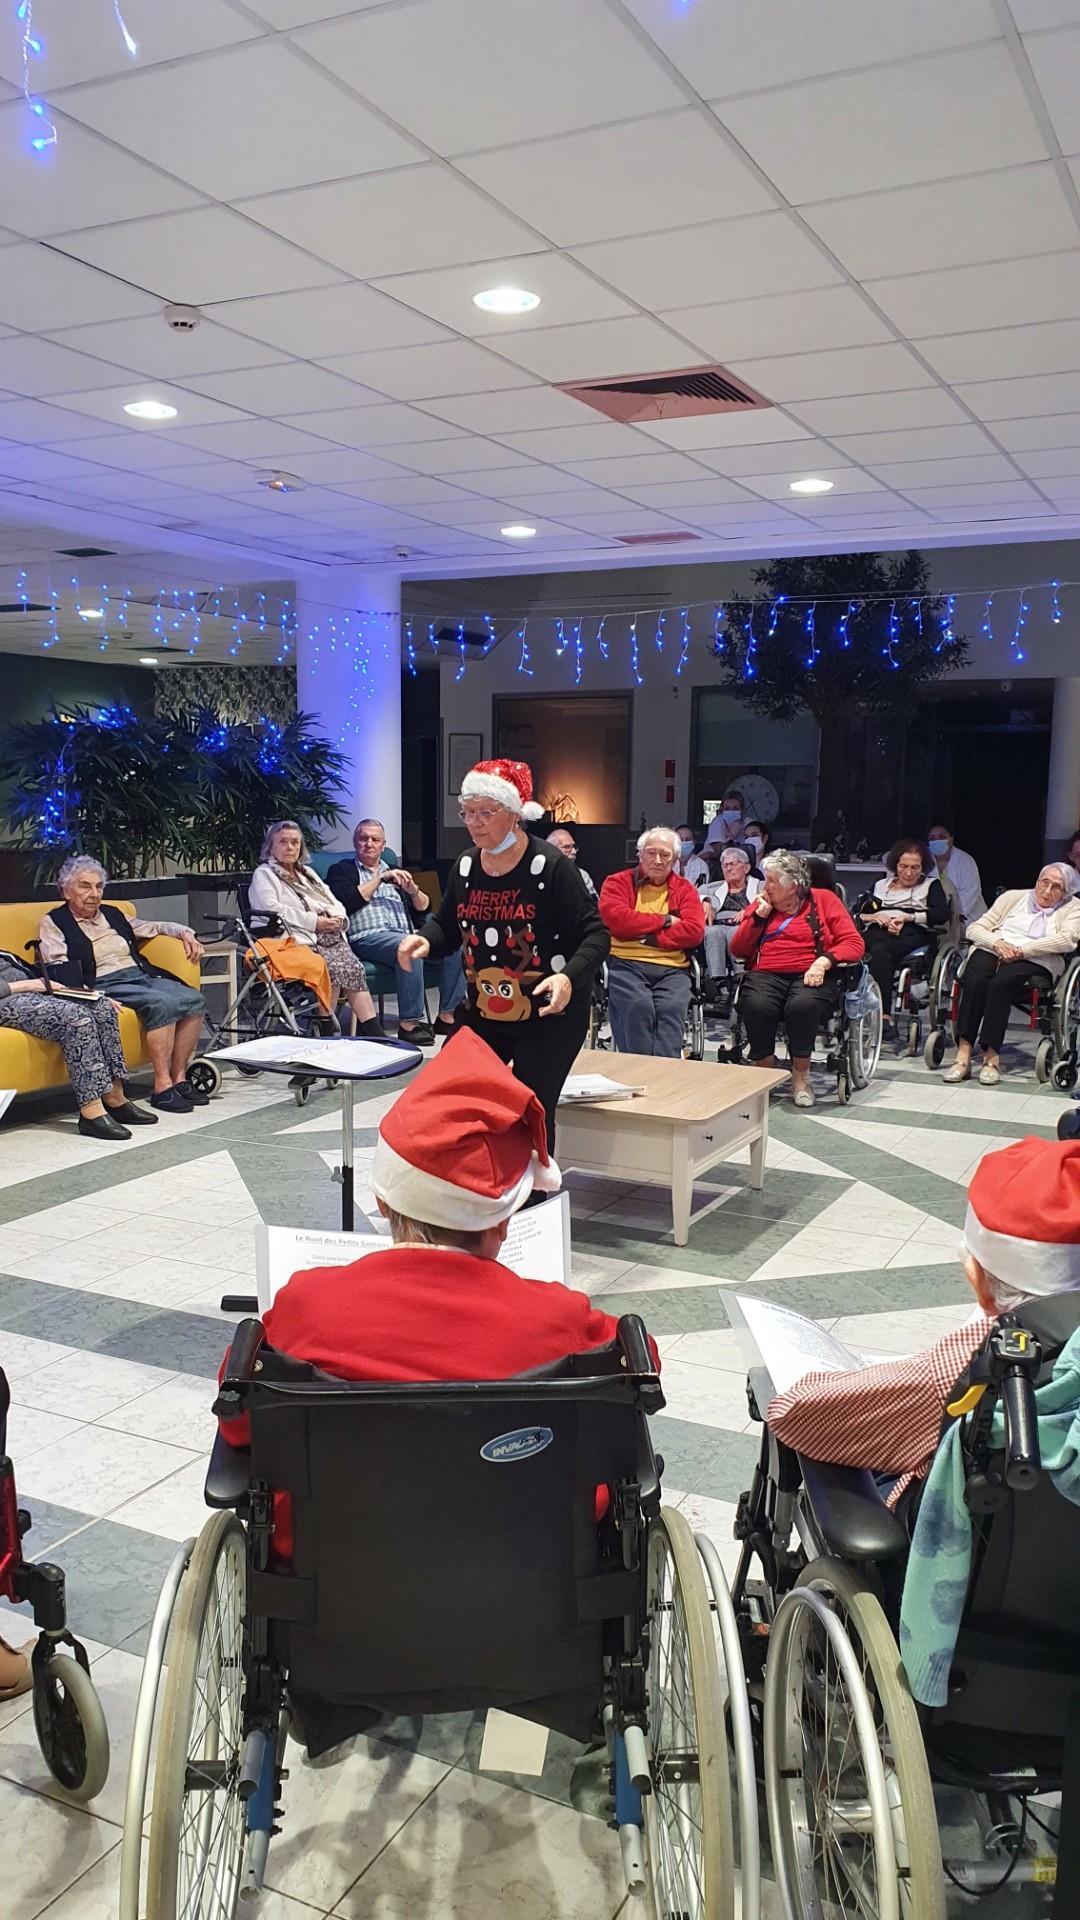 La traditionnelle veillée de Noel à Sainte victoire, maison de retraite à Aix en Provence